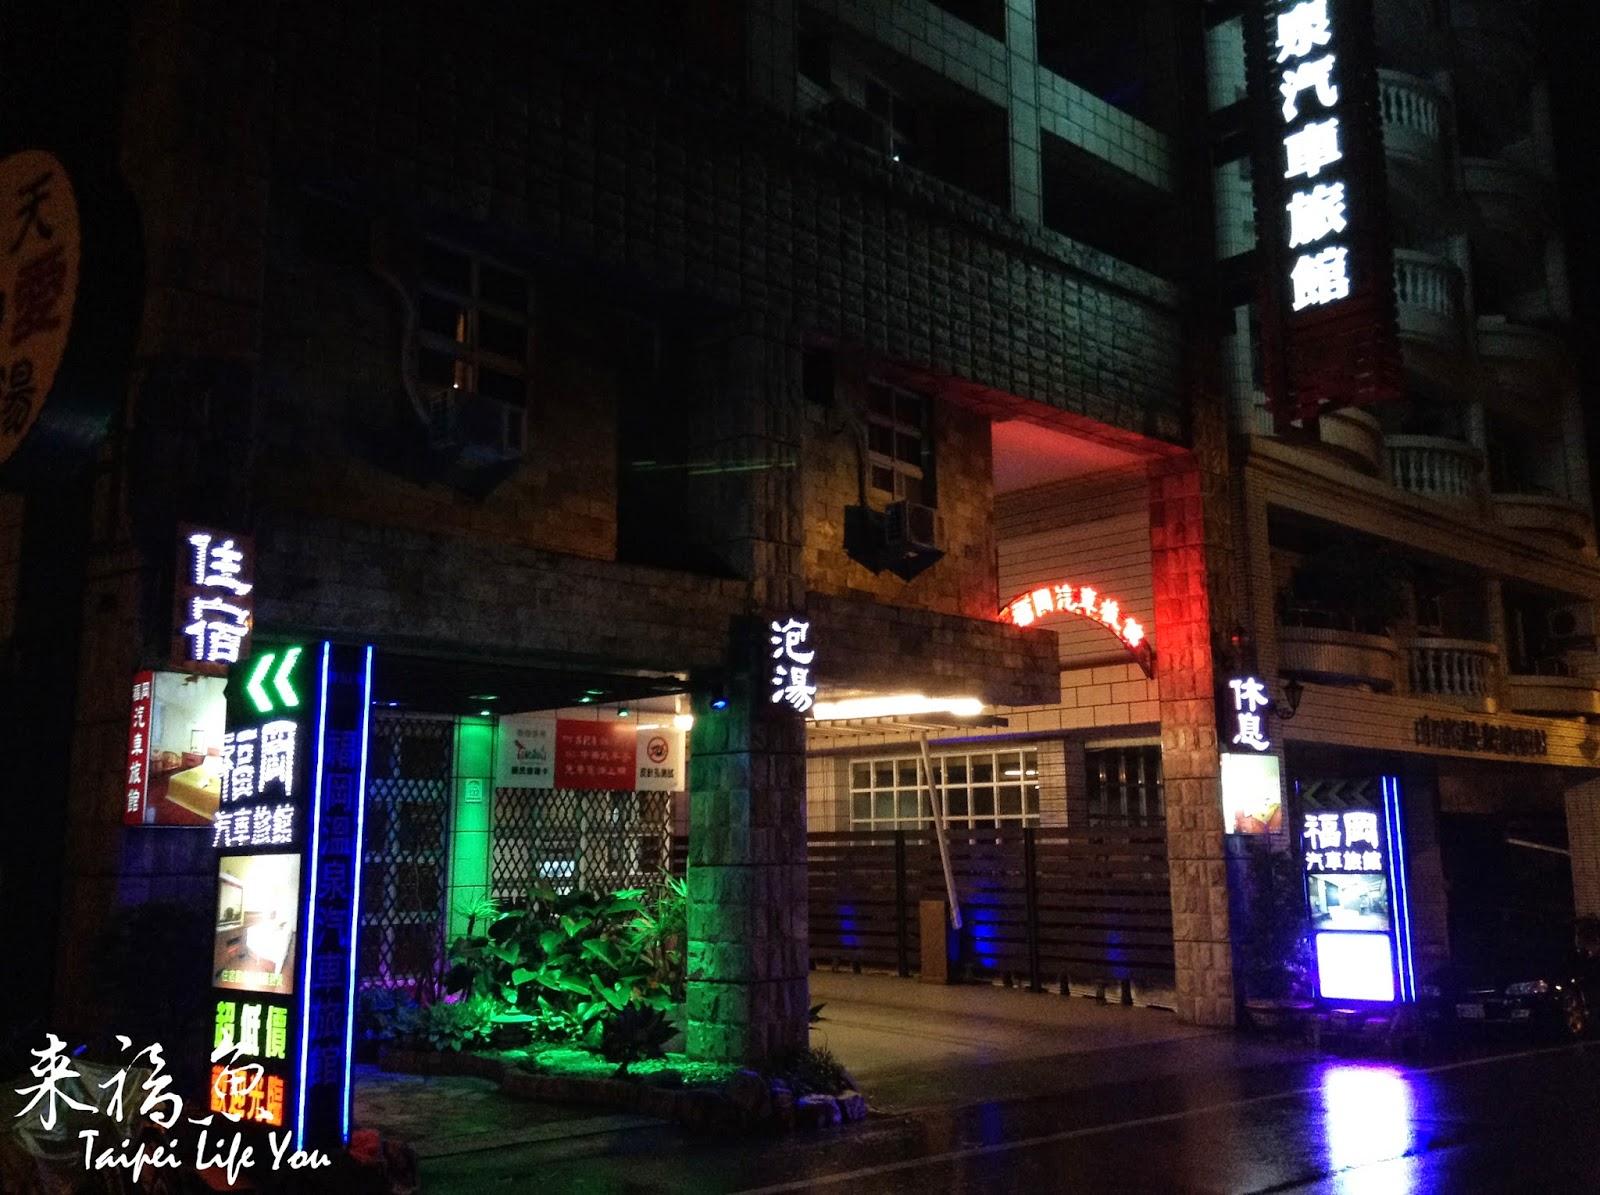 [住宿][礁溪]福岡溫泉汽車旅館 - 臺北來福魚